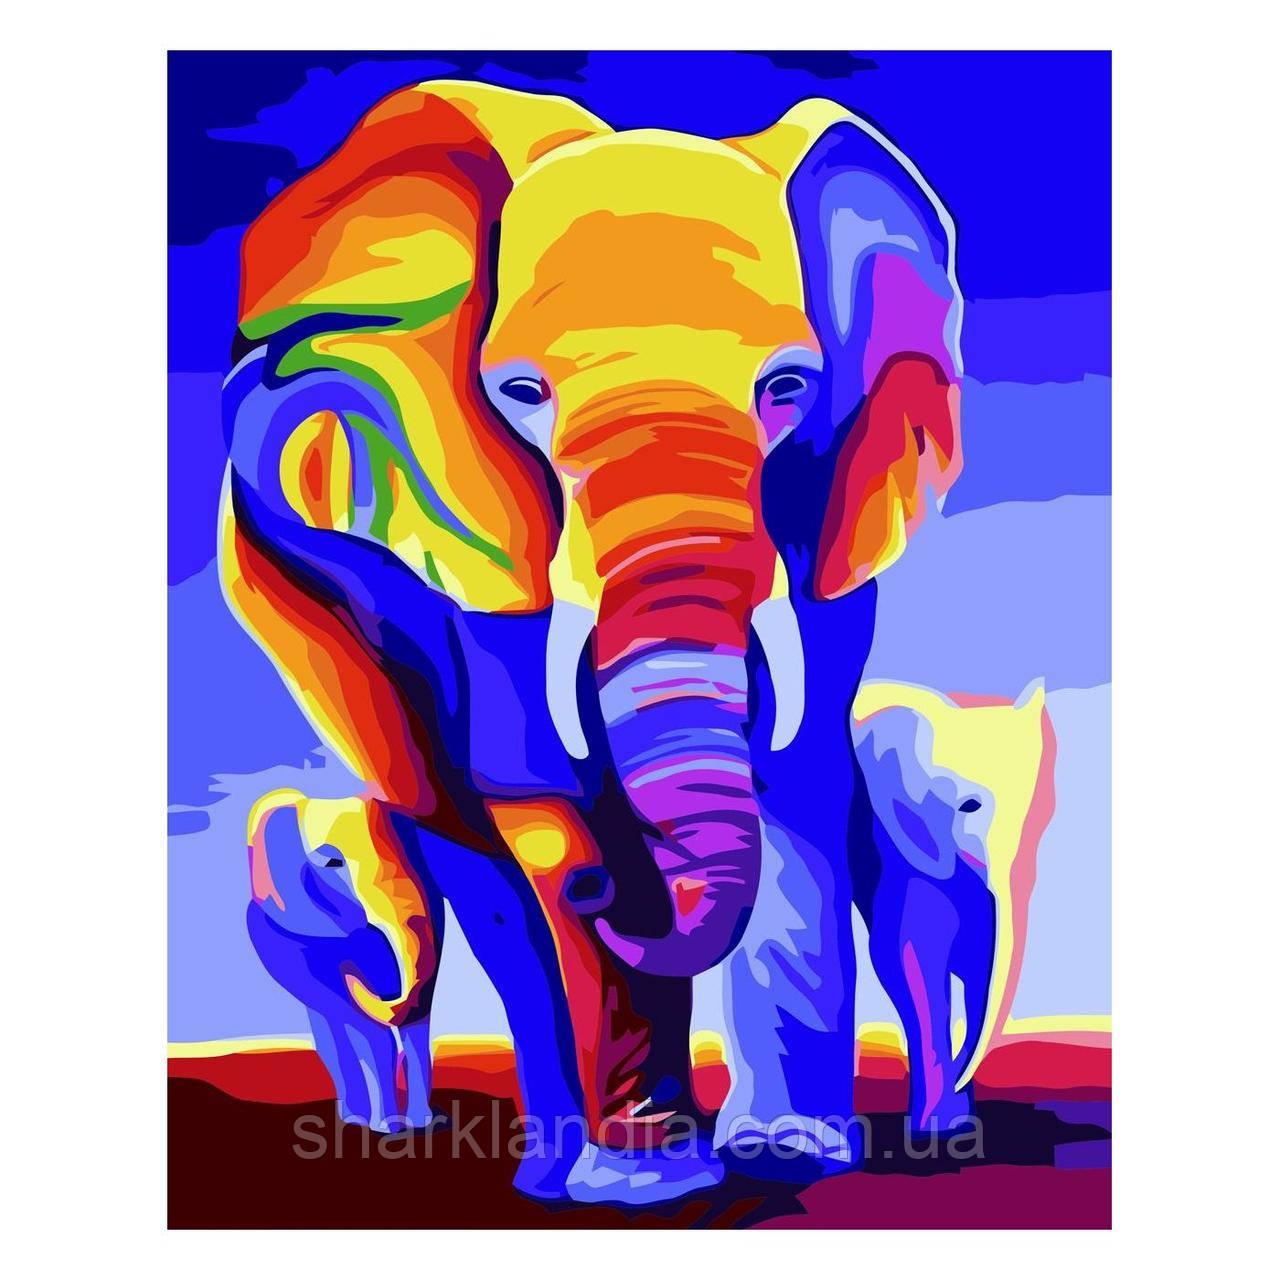 Картина по номерам Яркие слоны 30х40 см Strateg Раскраски Радужные животные Для начинающих